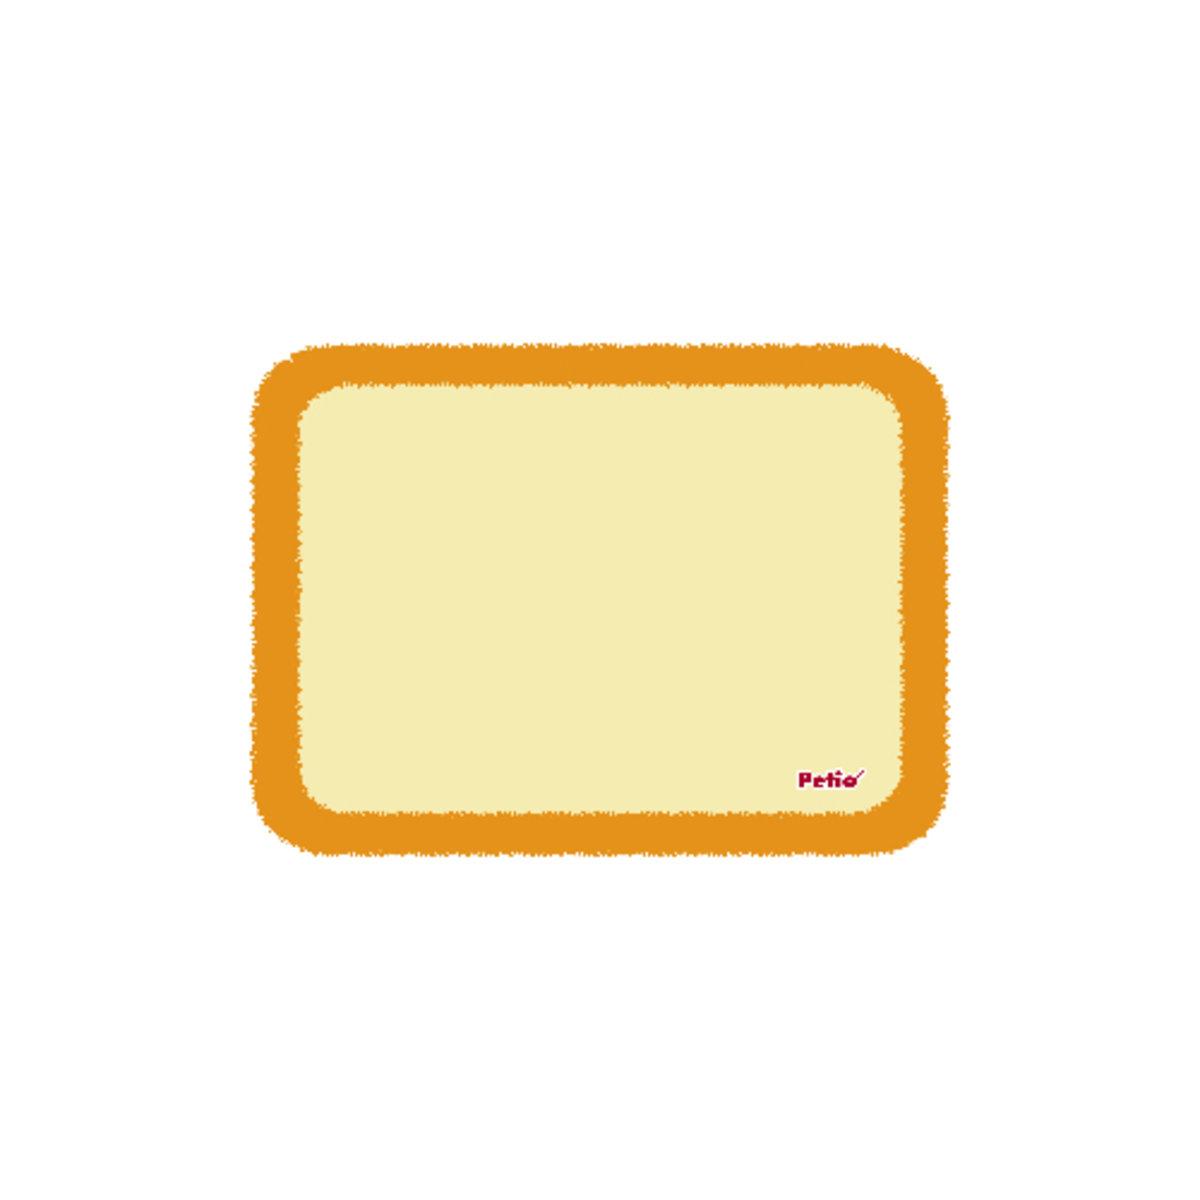 檸檬黃保暖墊(中)(QC71069)